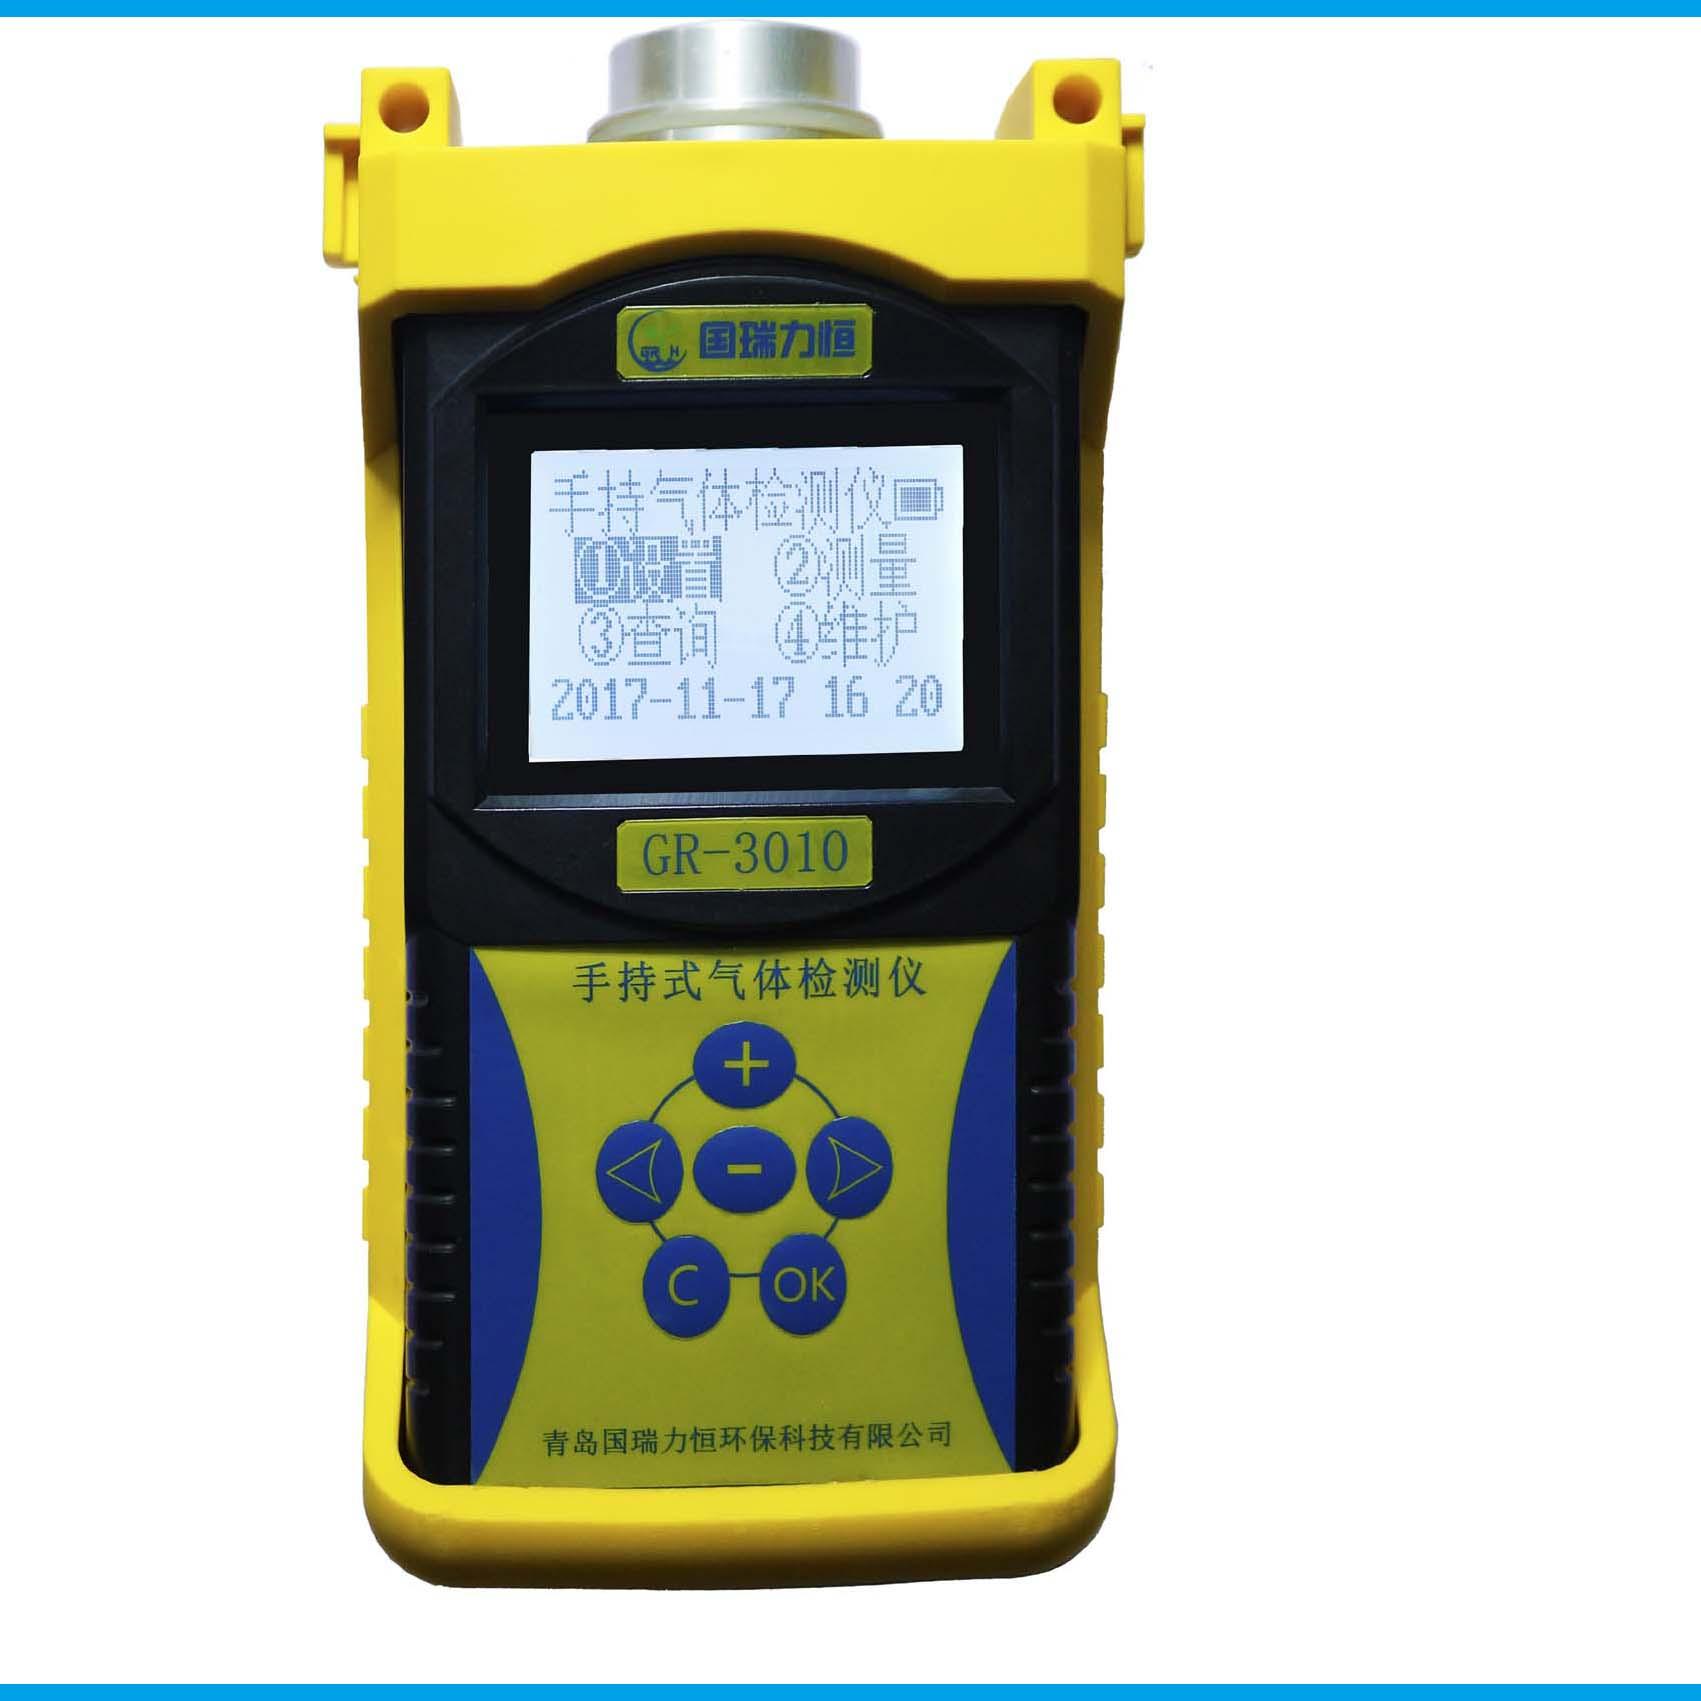 青島國瑞廠家直銷 GR-3010型手持式氣體檢測儀 紅外氣體檢測儀